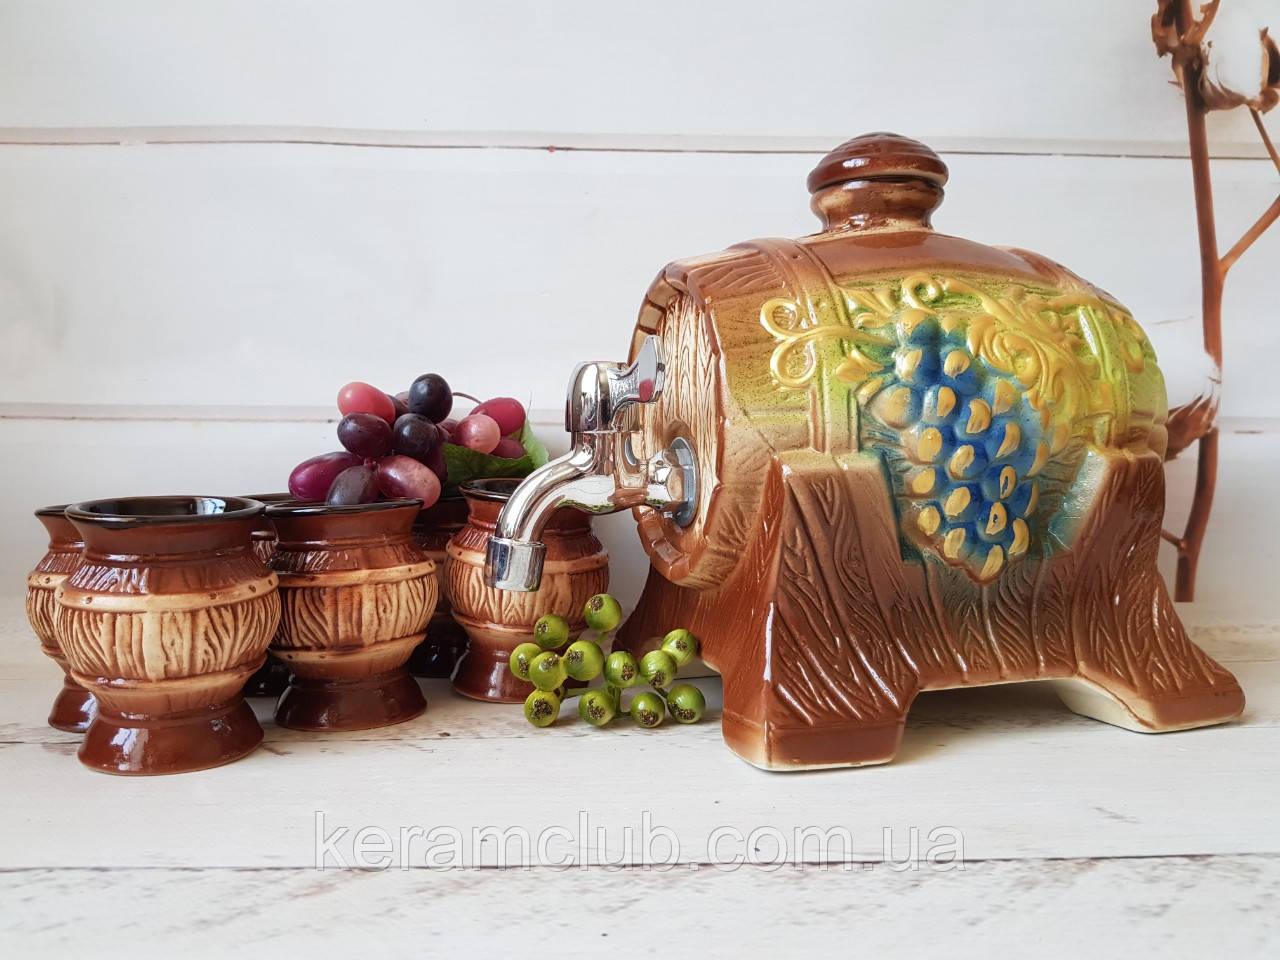 Керамический бочонок для вина и 6 бокалов